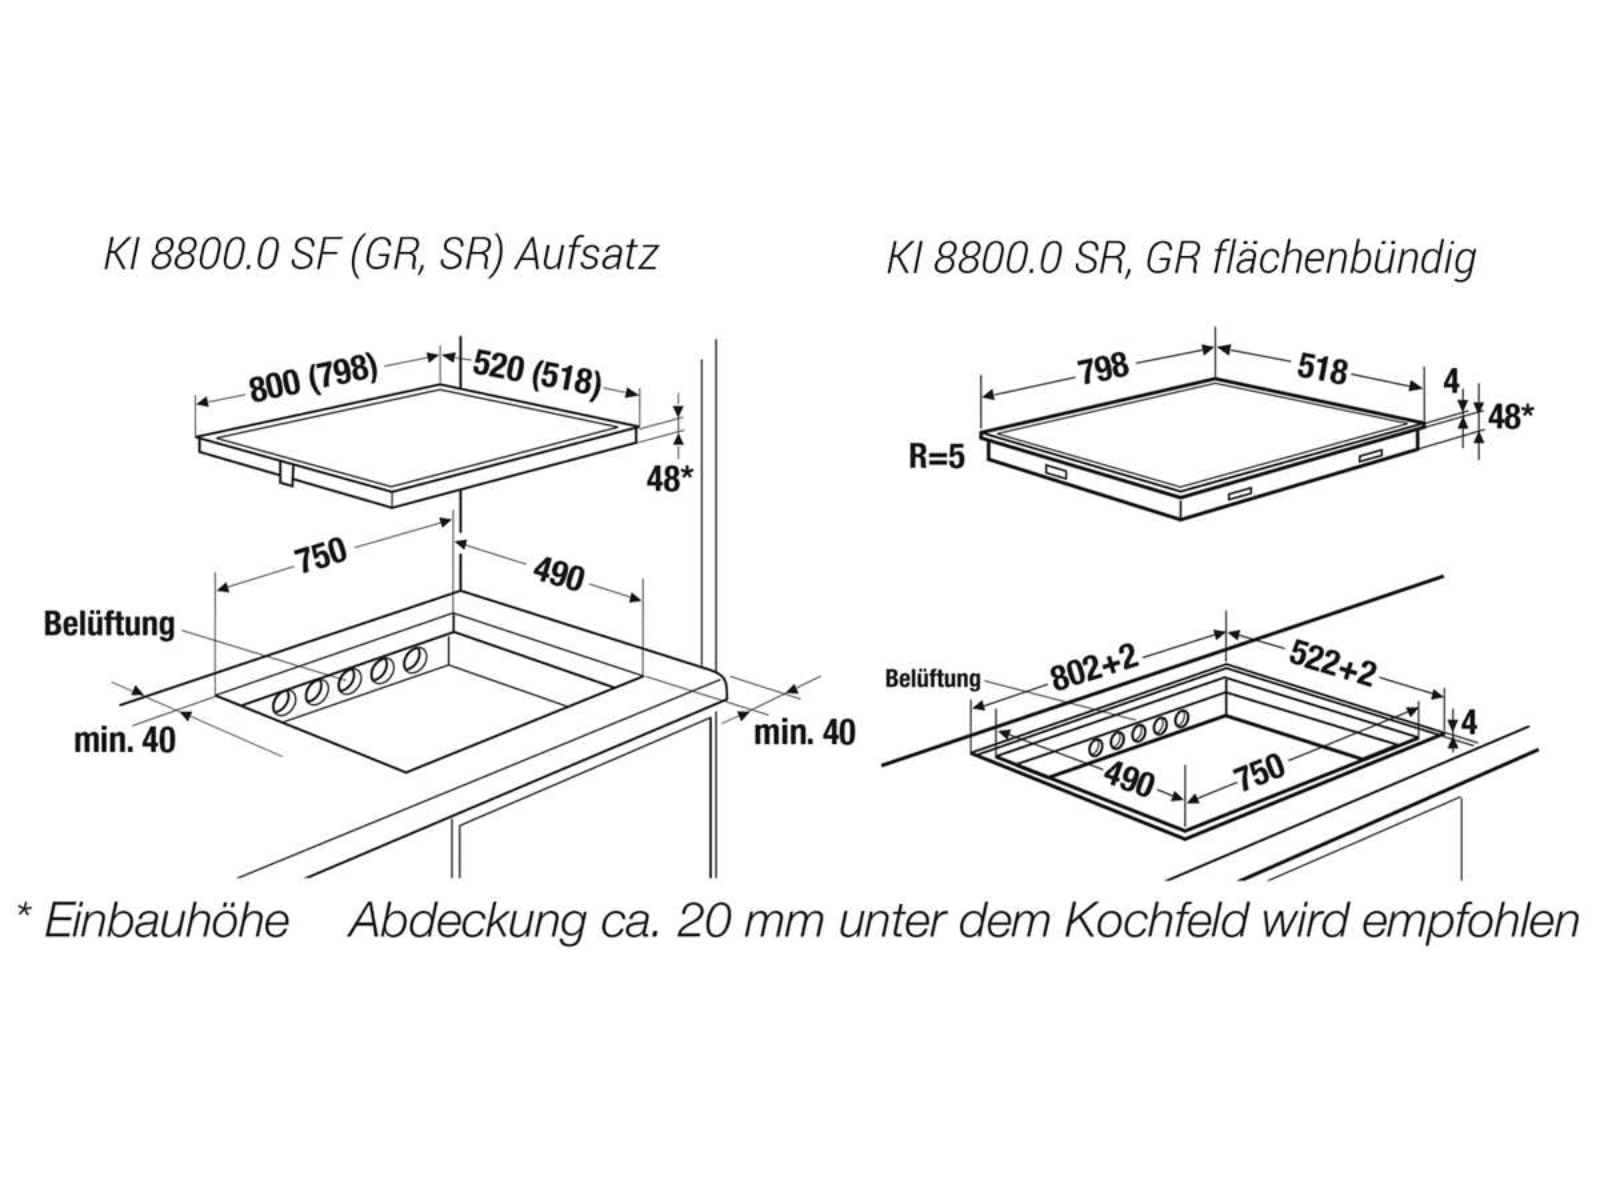 Küppersbusch KI 8800.0 SR K-Series. 8 Induktionskochfeld autark